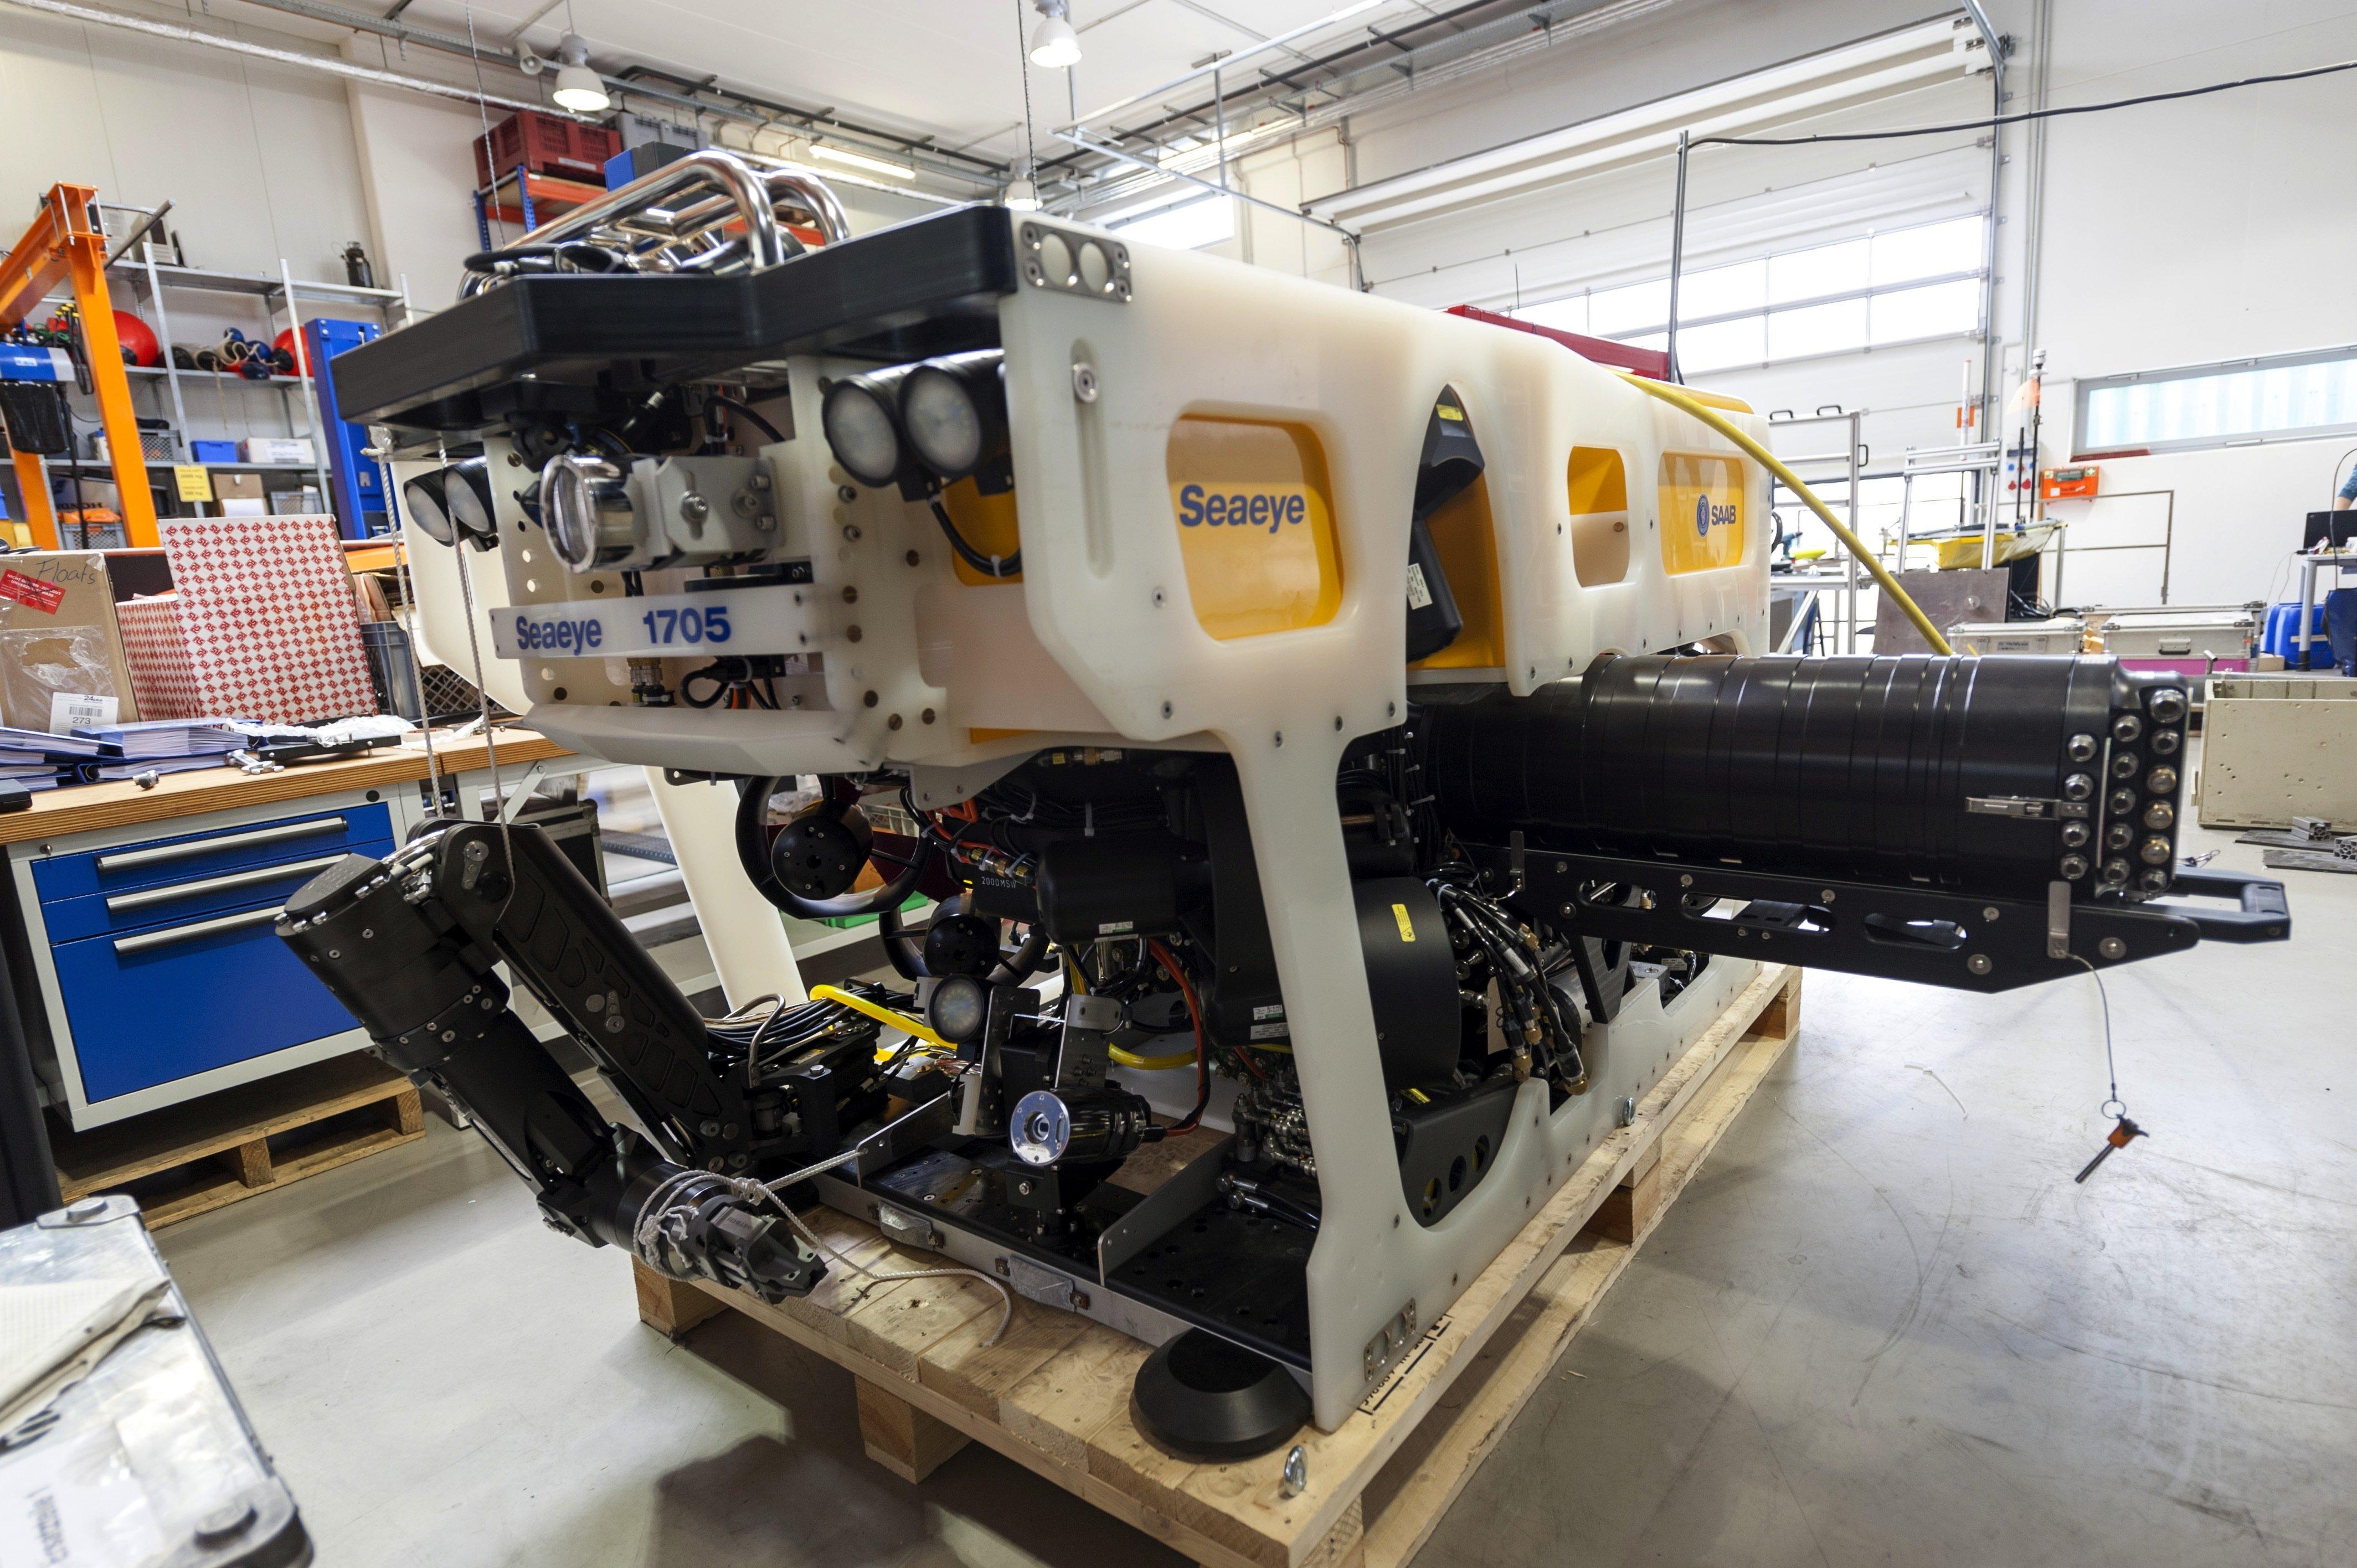 Das ist ein Tauchroboter!Das Bremer Zentrum für Maritime Umweltwissenschaften will das neue Gerät in Tiefen von rund 2000 m einsetzen. Derzeit wird derTauchroboter Marum-Squiderprobt. Seinen ersten Einsatz hat er im nächsten Jahr vor der afrikanischen Küste, wo er Kaltwasserkorallen in der Tiefsee untersuchen soll.